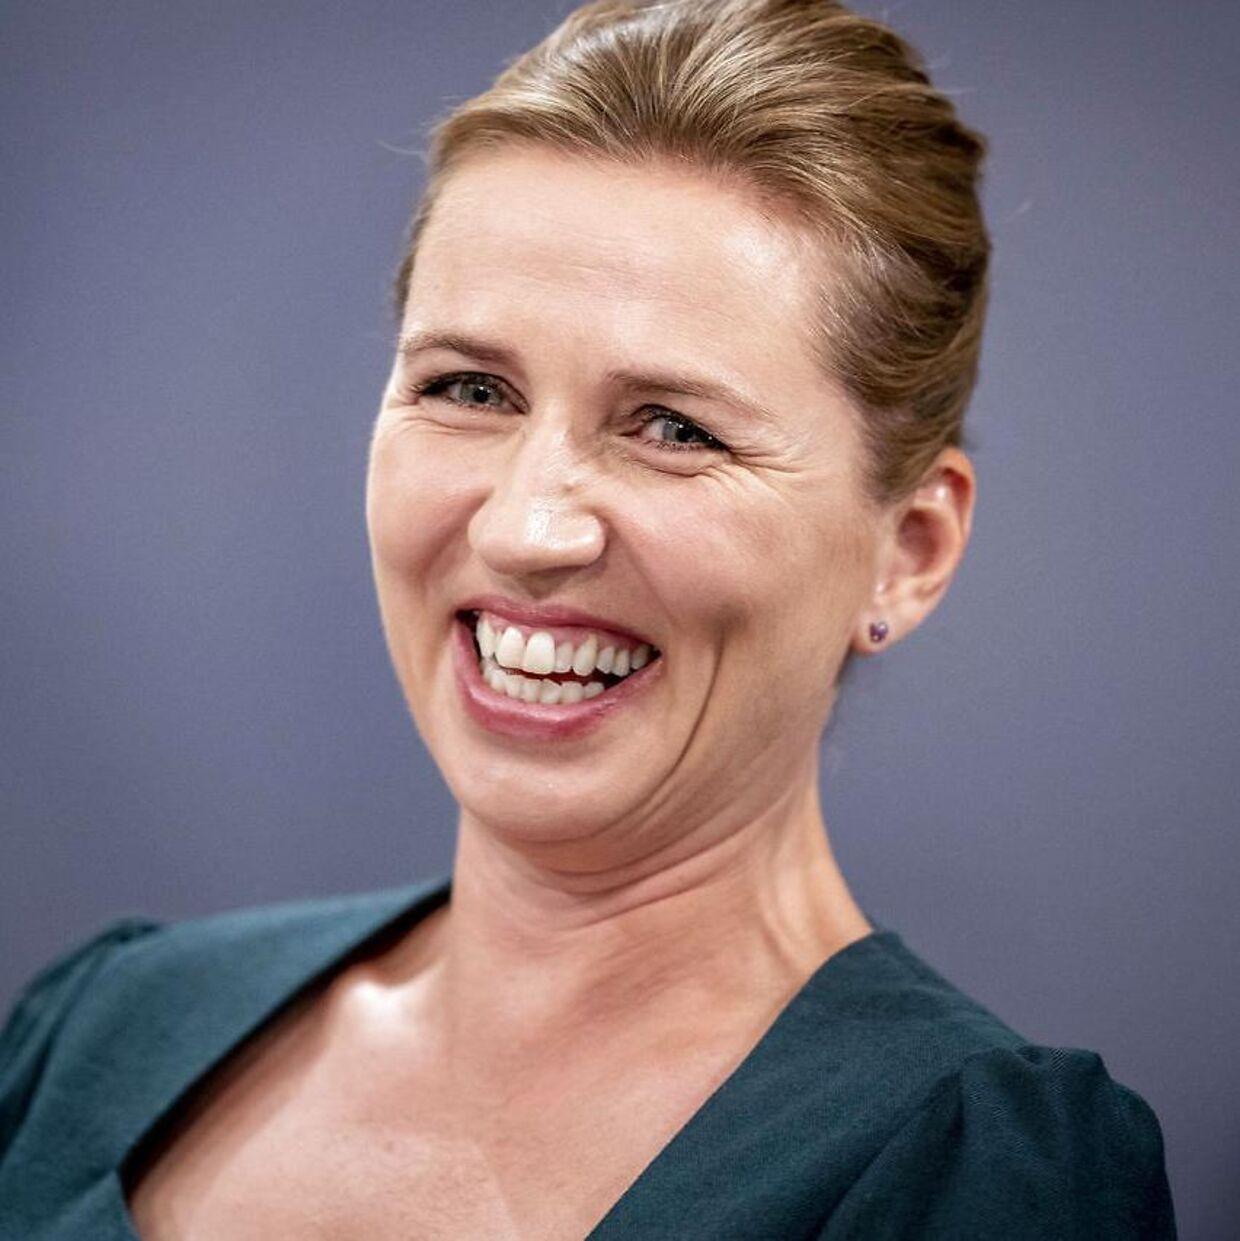 Statsminister Mette Frederiksen grinte, mens Søren Brostrøm demonstrerede, hvordan man tager mundbind på.